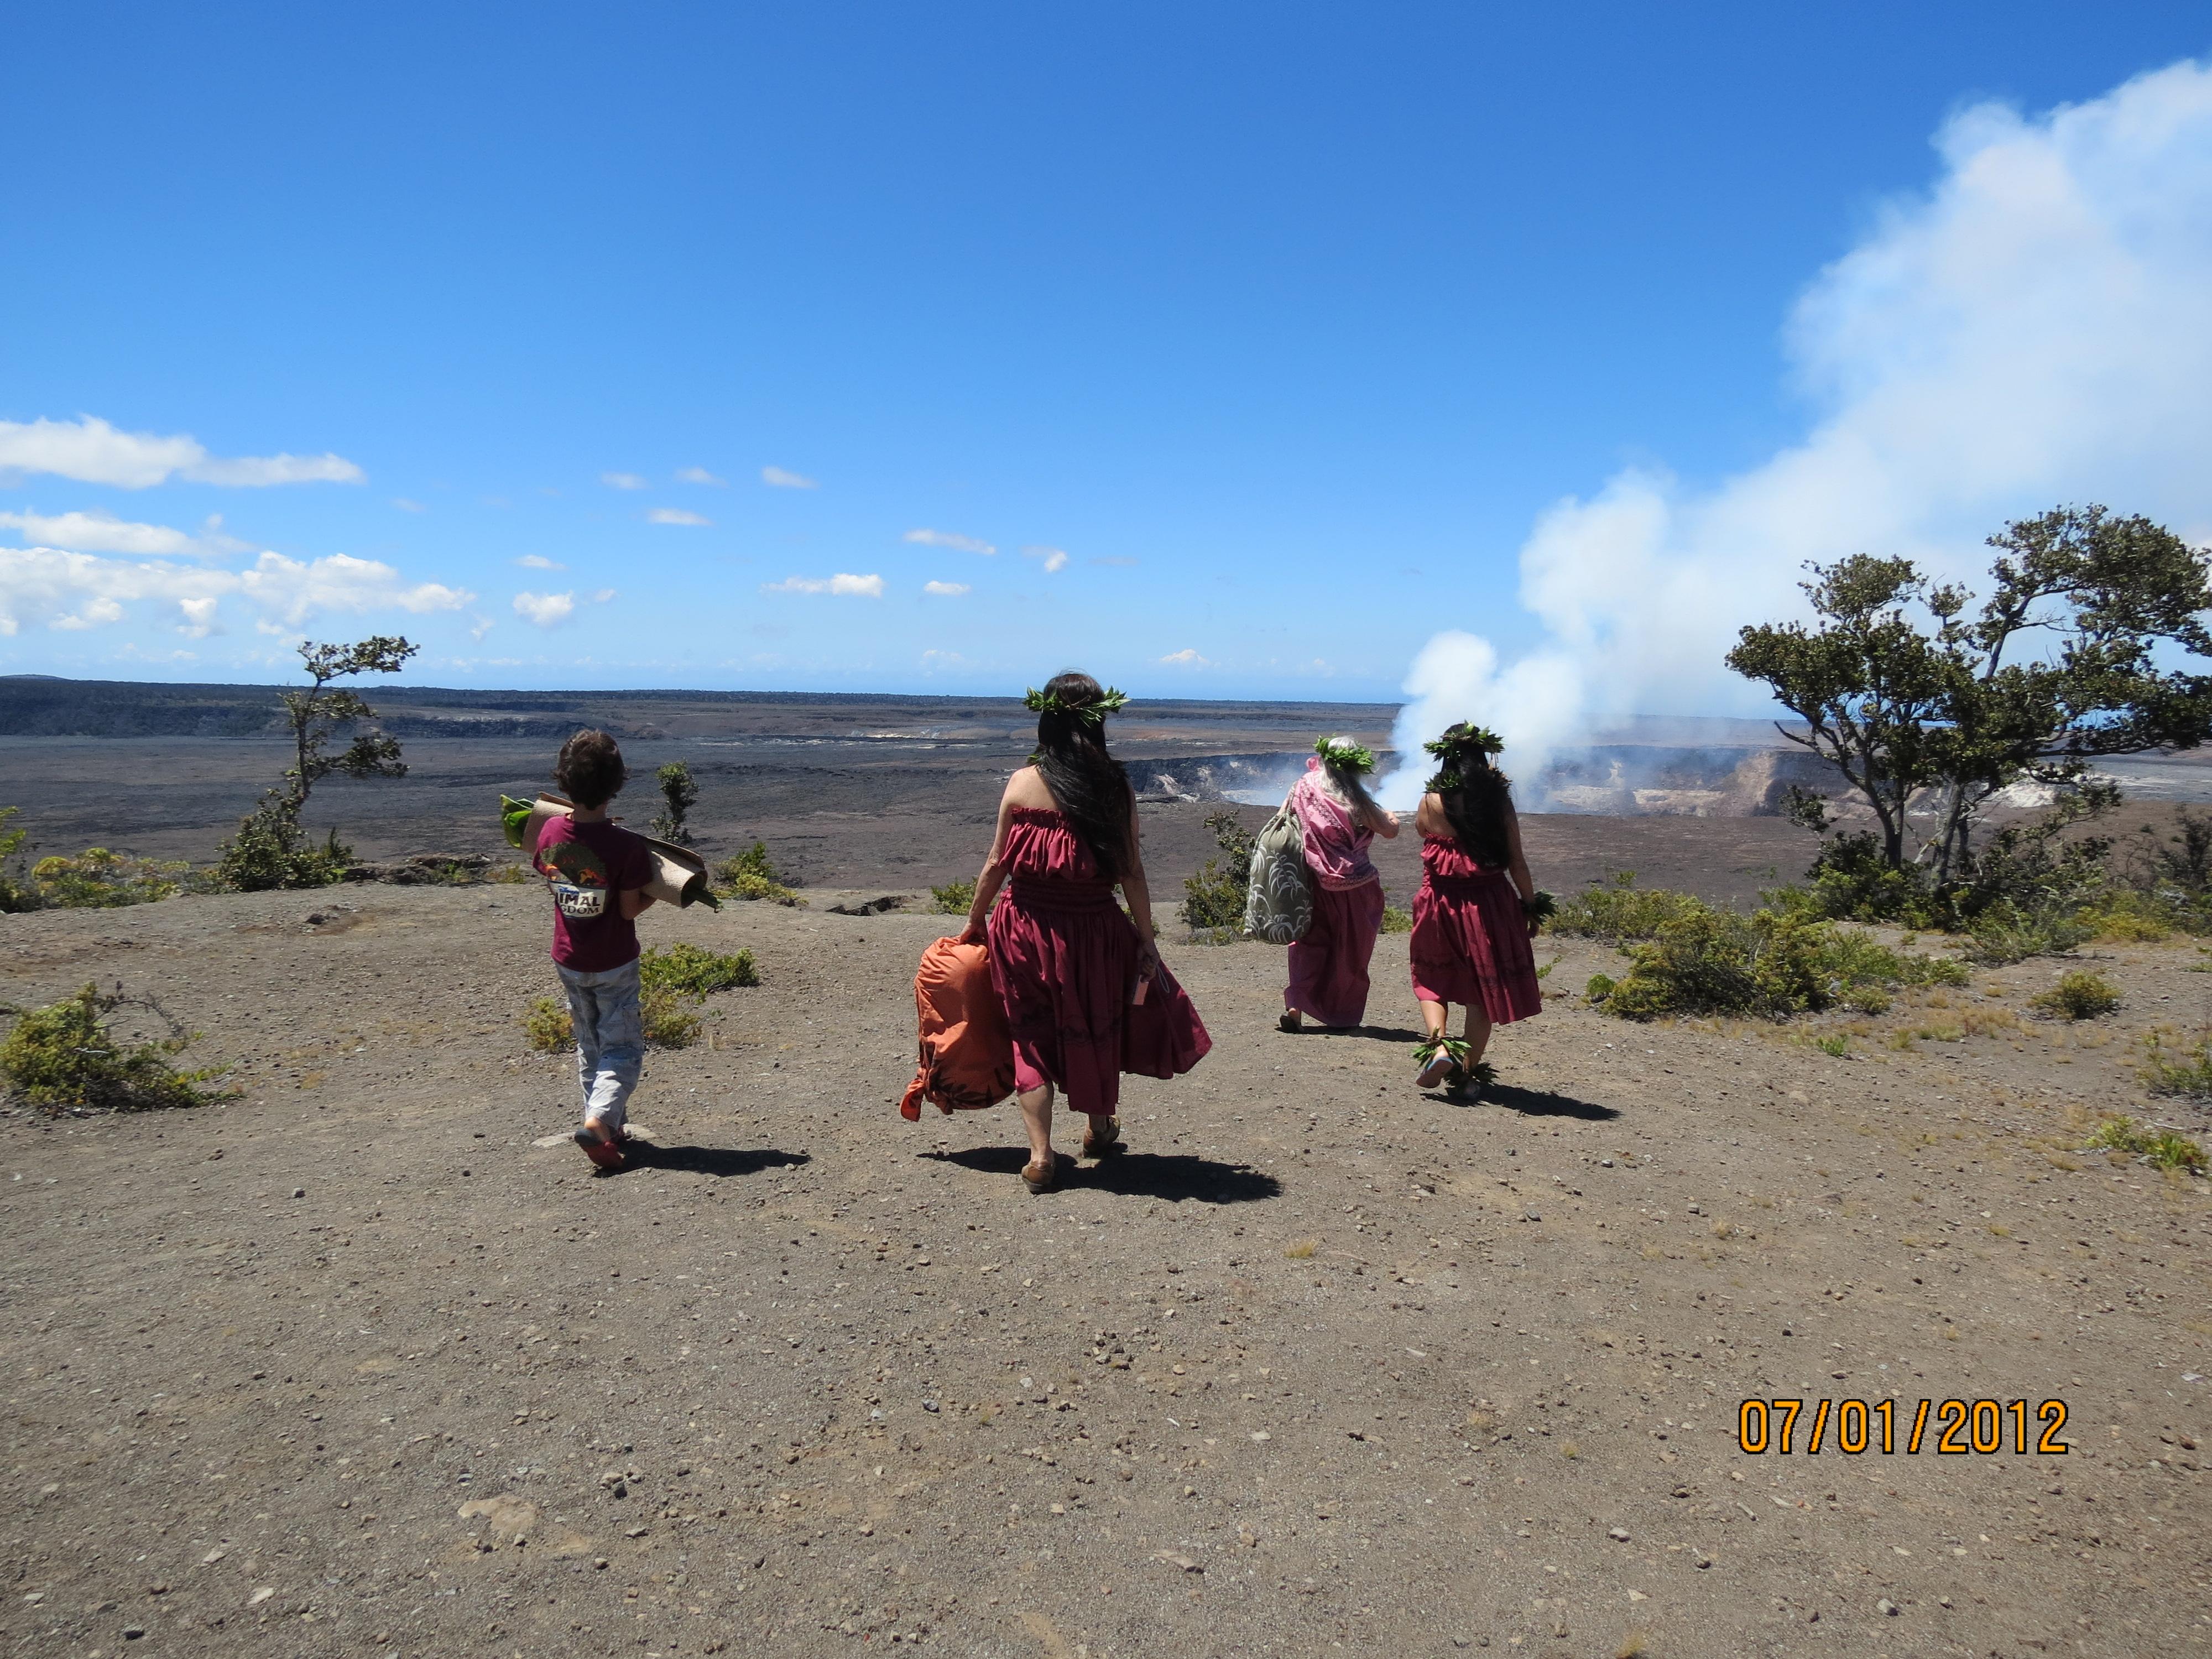 ハワイでフラを学ぶ フラ奉納 キラウエア